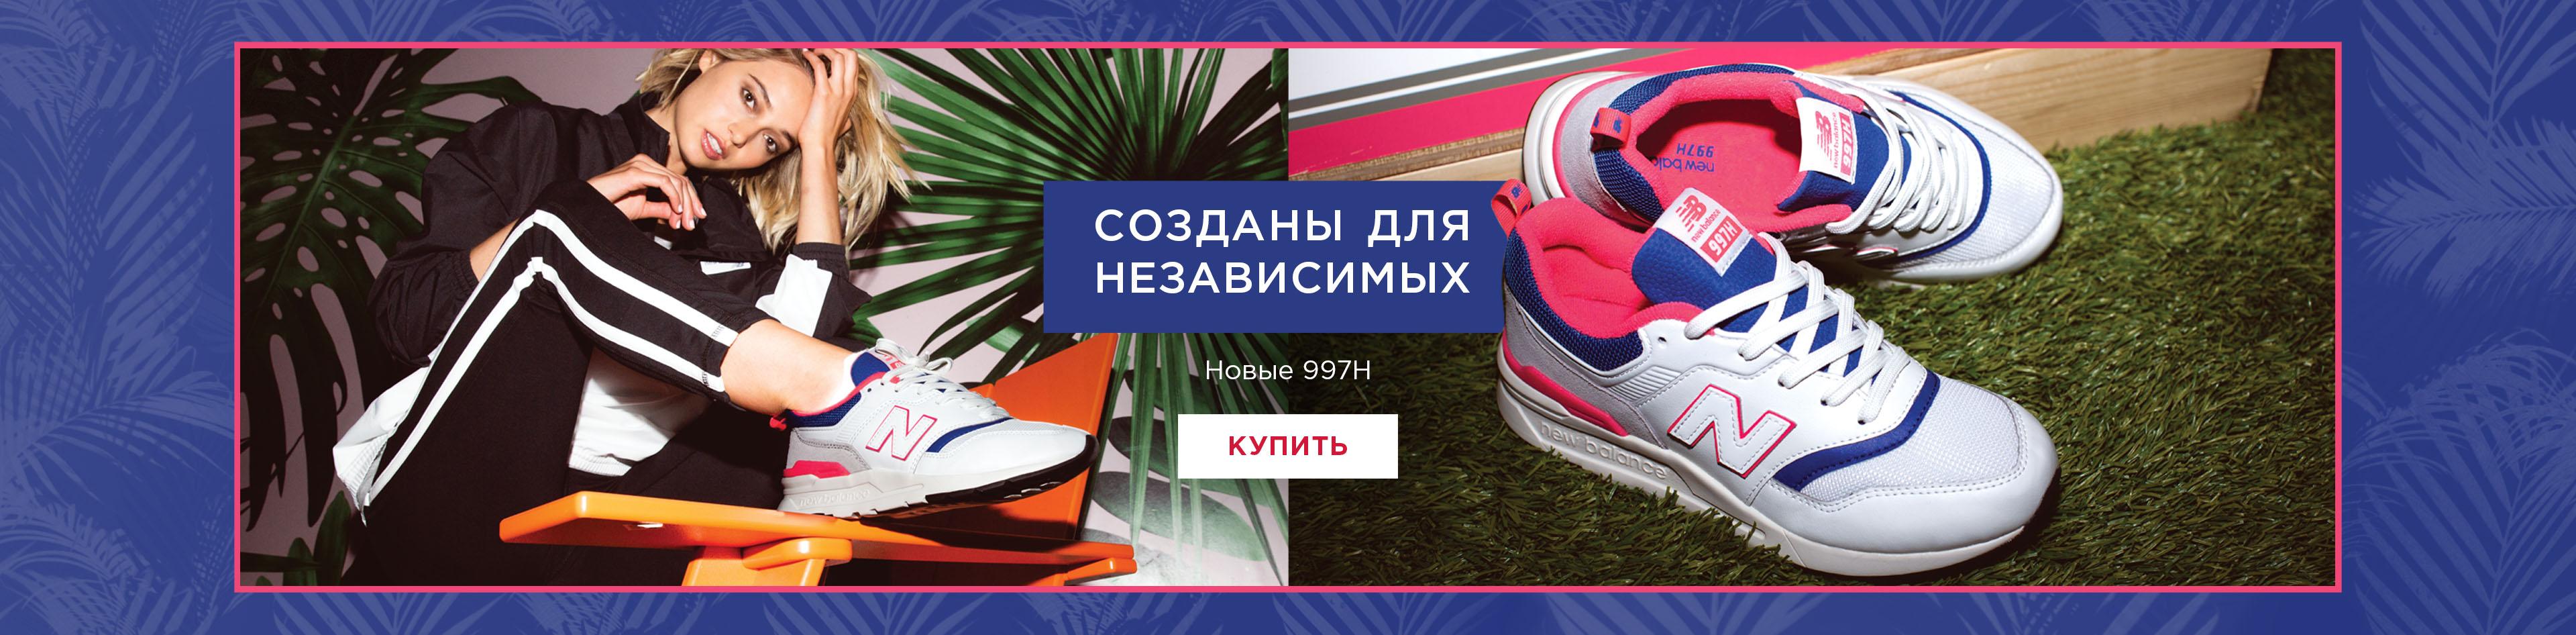 b83ee03ee6eb Официальный представитель New Balance в Беларуси, купить кроссовки ...